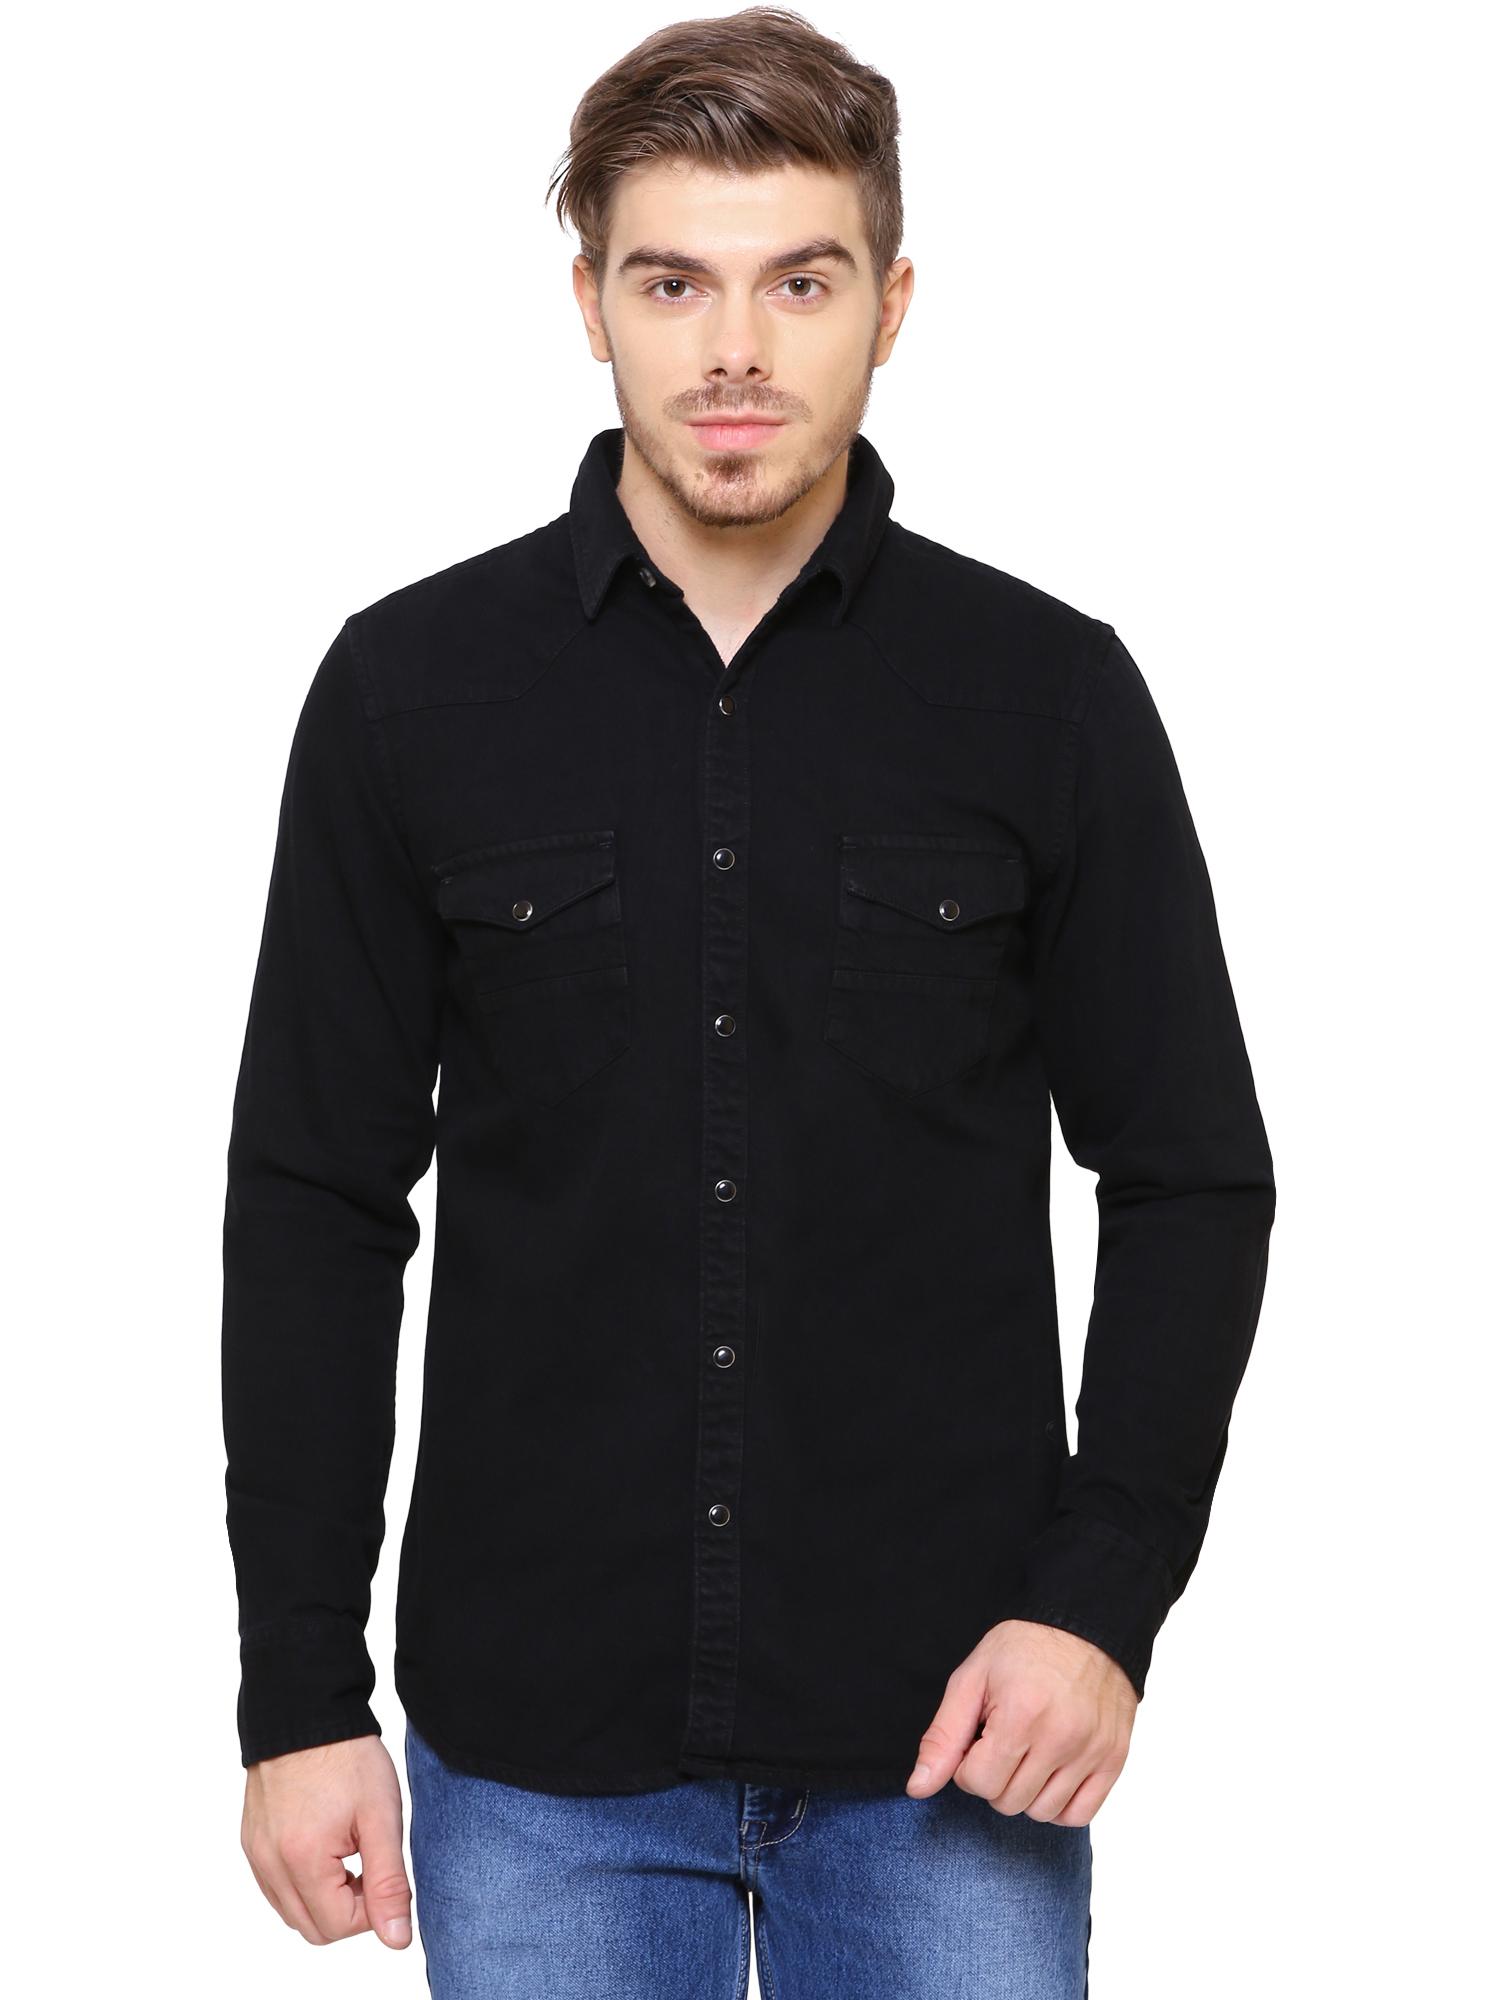 Southbay   Southbay Men's Jet Black Casual Denim Shirt- SBCLFS688BK